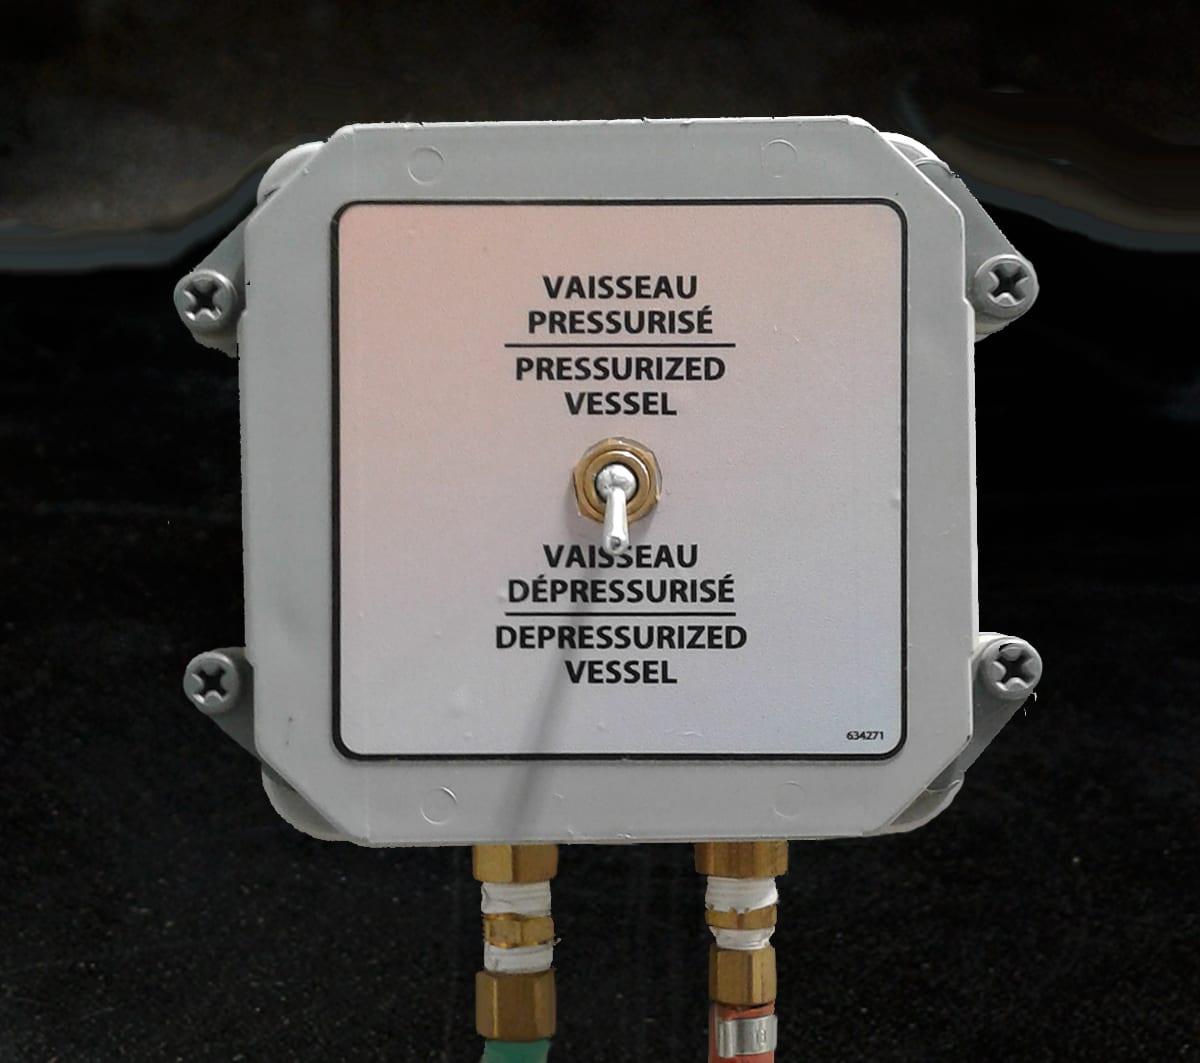 Remote Depressurization Switch for Sandblast Booth